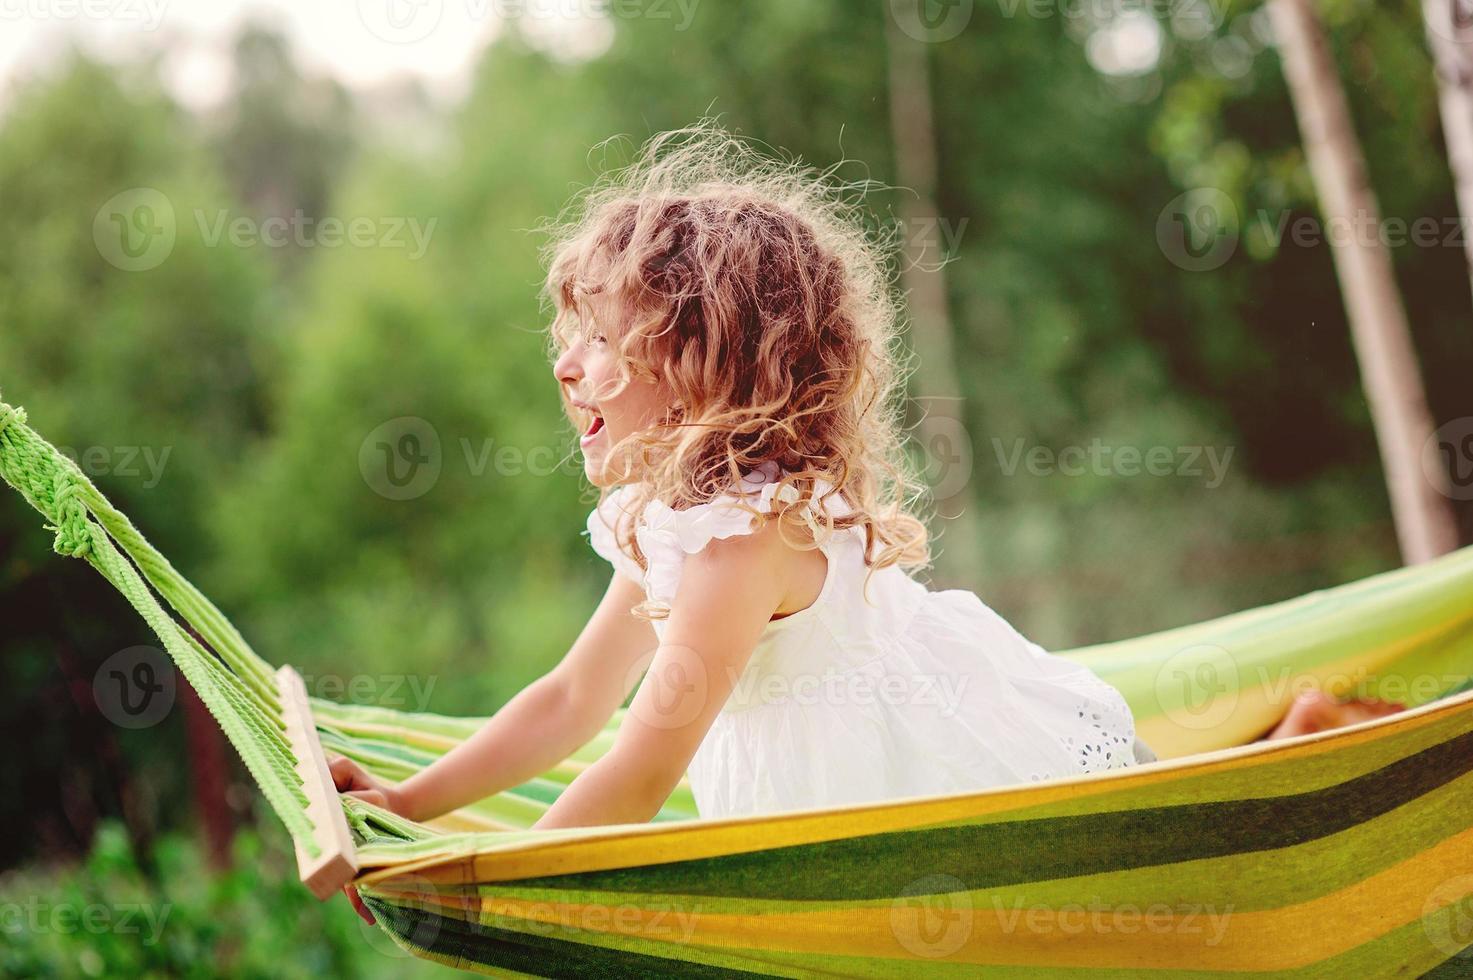 happy child girl relaxing in hammock in summer garden photo